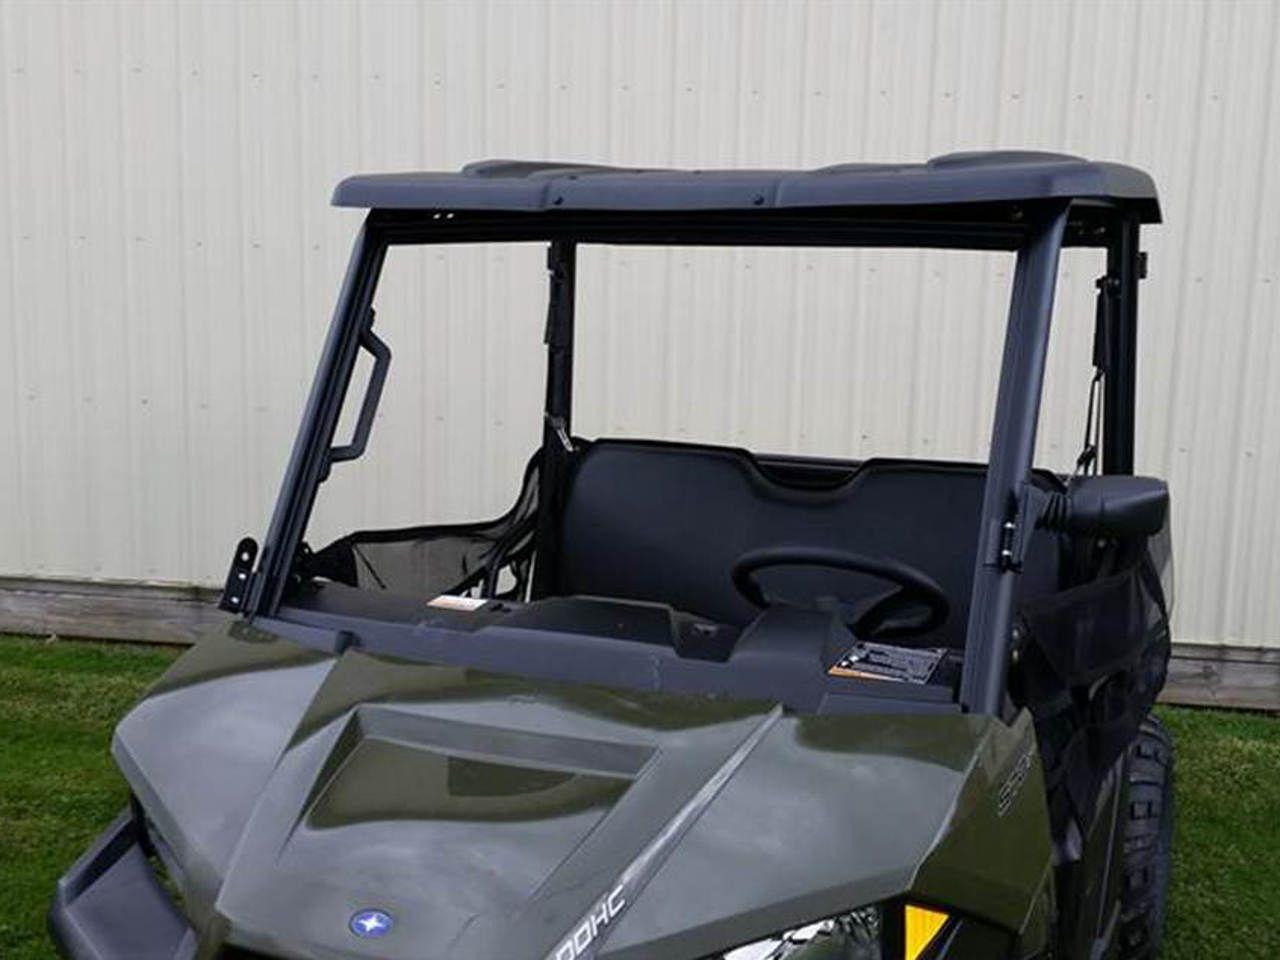 Polaris Ranger XP900 and 2015 MidSize Ranger Top